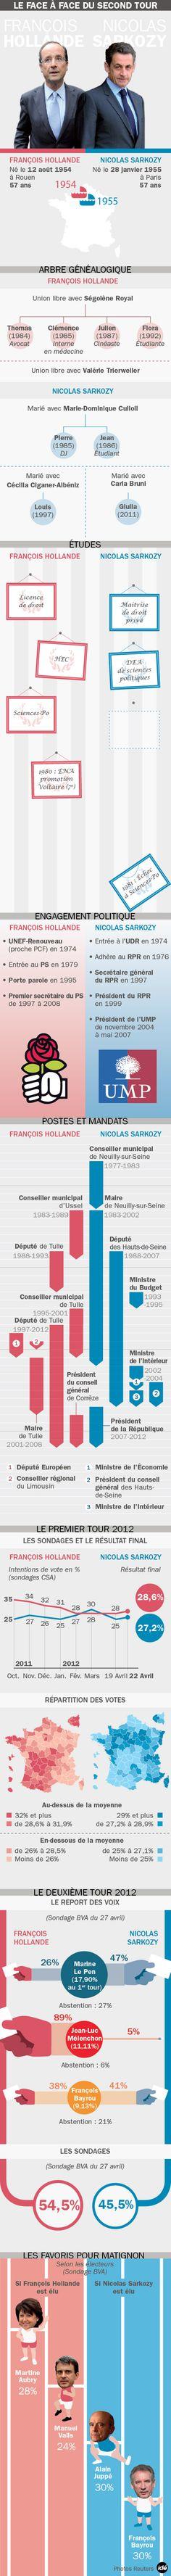 Le face à face Hollande - Sarkozy en une infographie